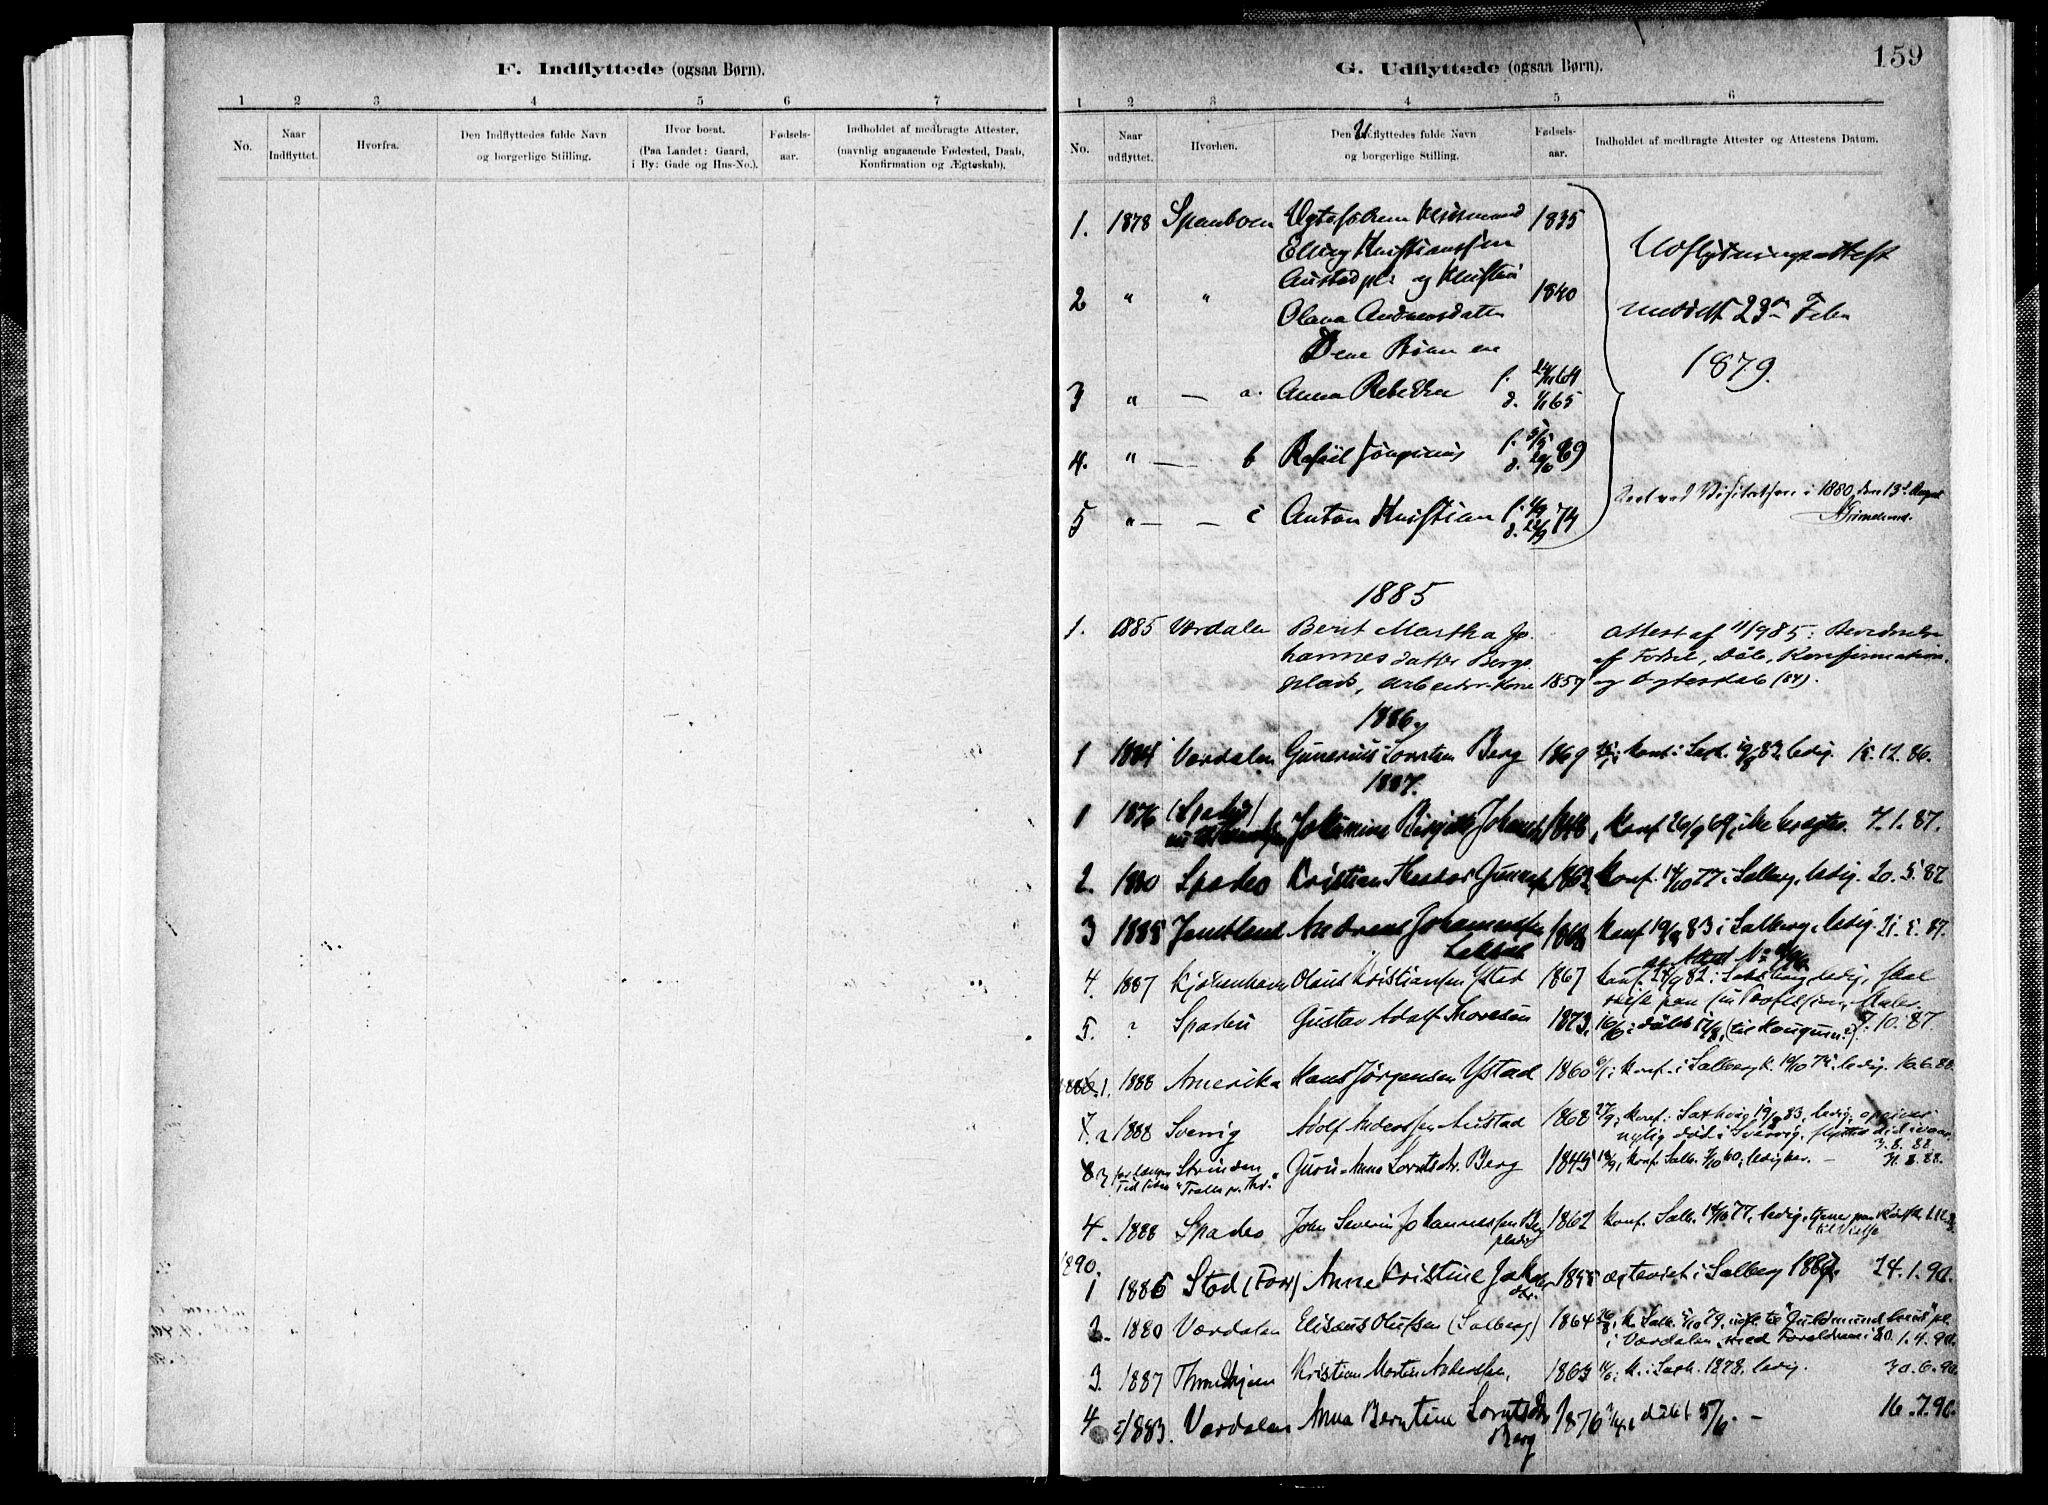 SAT, Ministerialprotokoller, klokkerbøker og fødselsregistre - Nord-Trøndelag, 731/L0309: Ministerialbok nr. 731A01, 1879-1918, s. 159